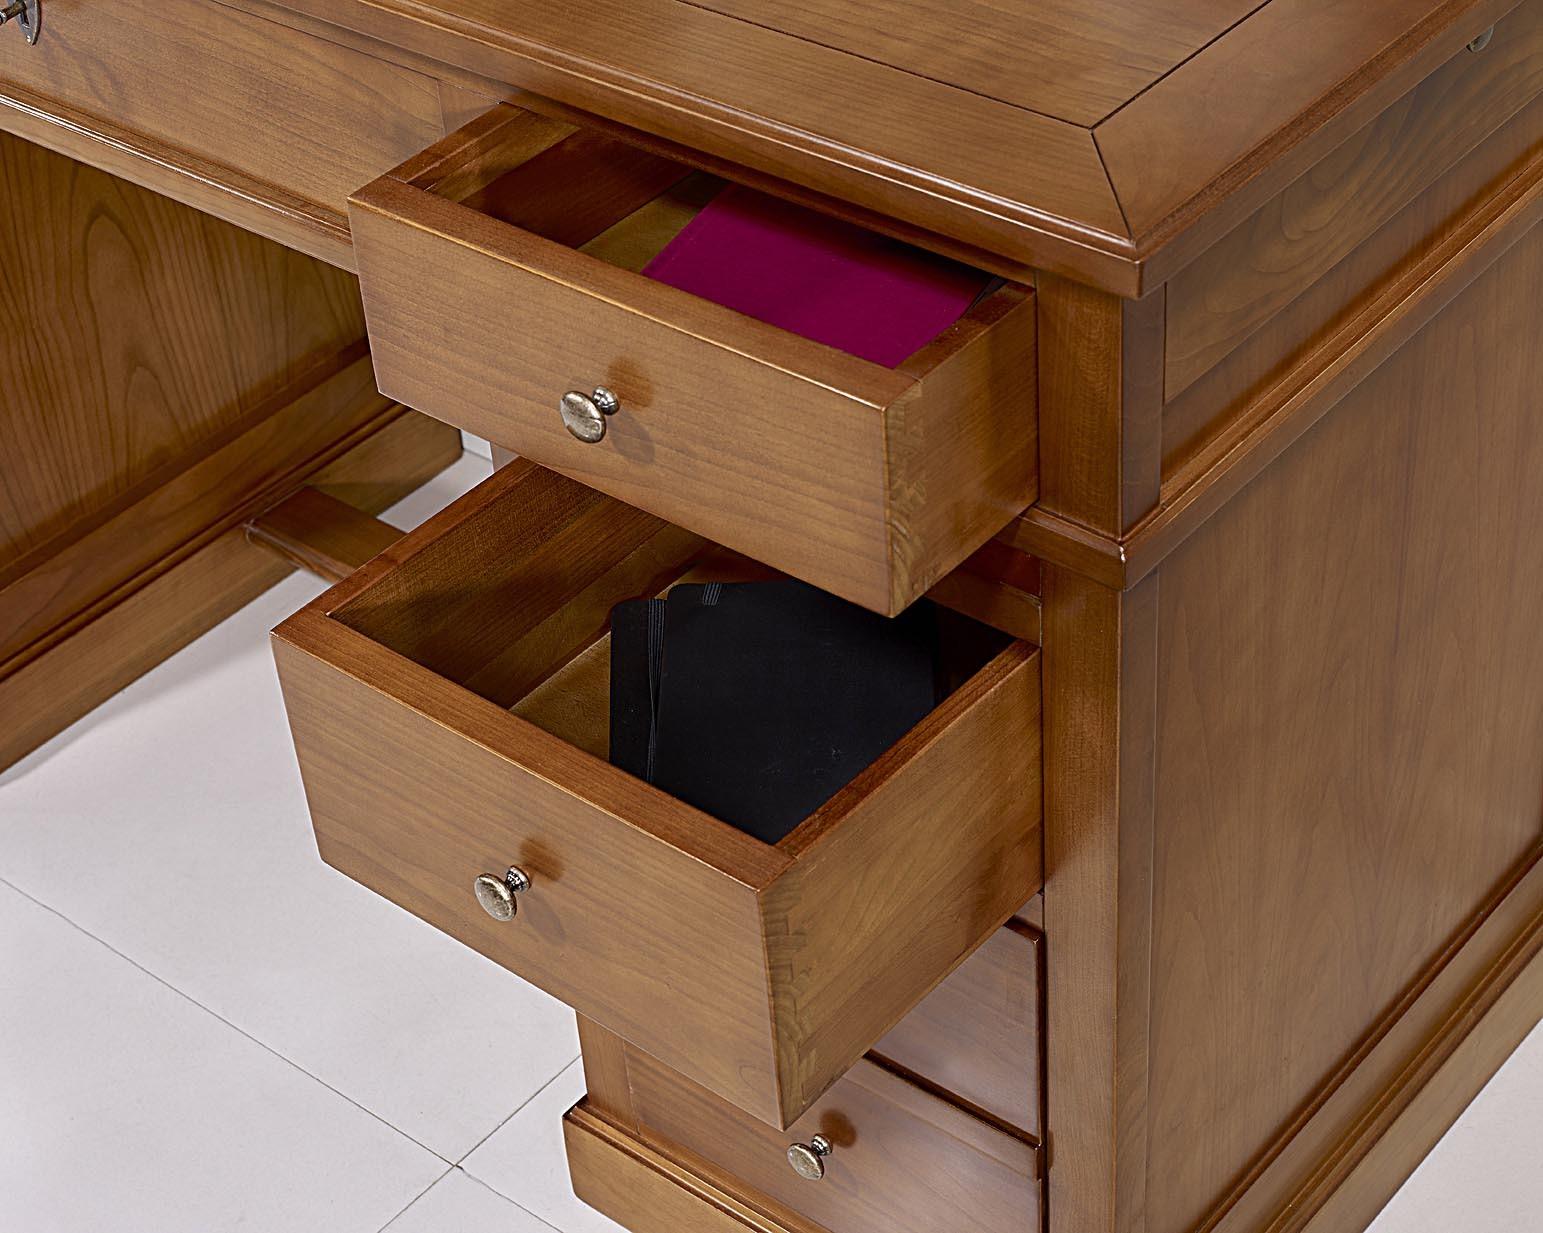 petit bureau lucie en merisier de style louis philippe plateau merisier meuble en merisier massif. Black Bedroom Furniture Sets. Home Design Ideas